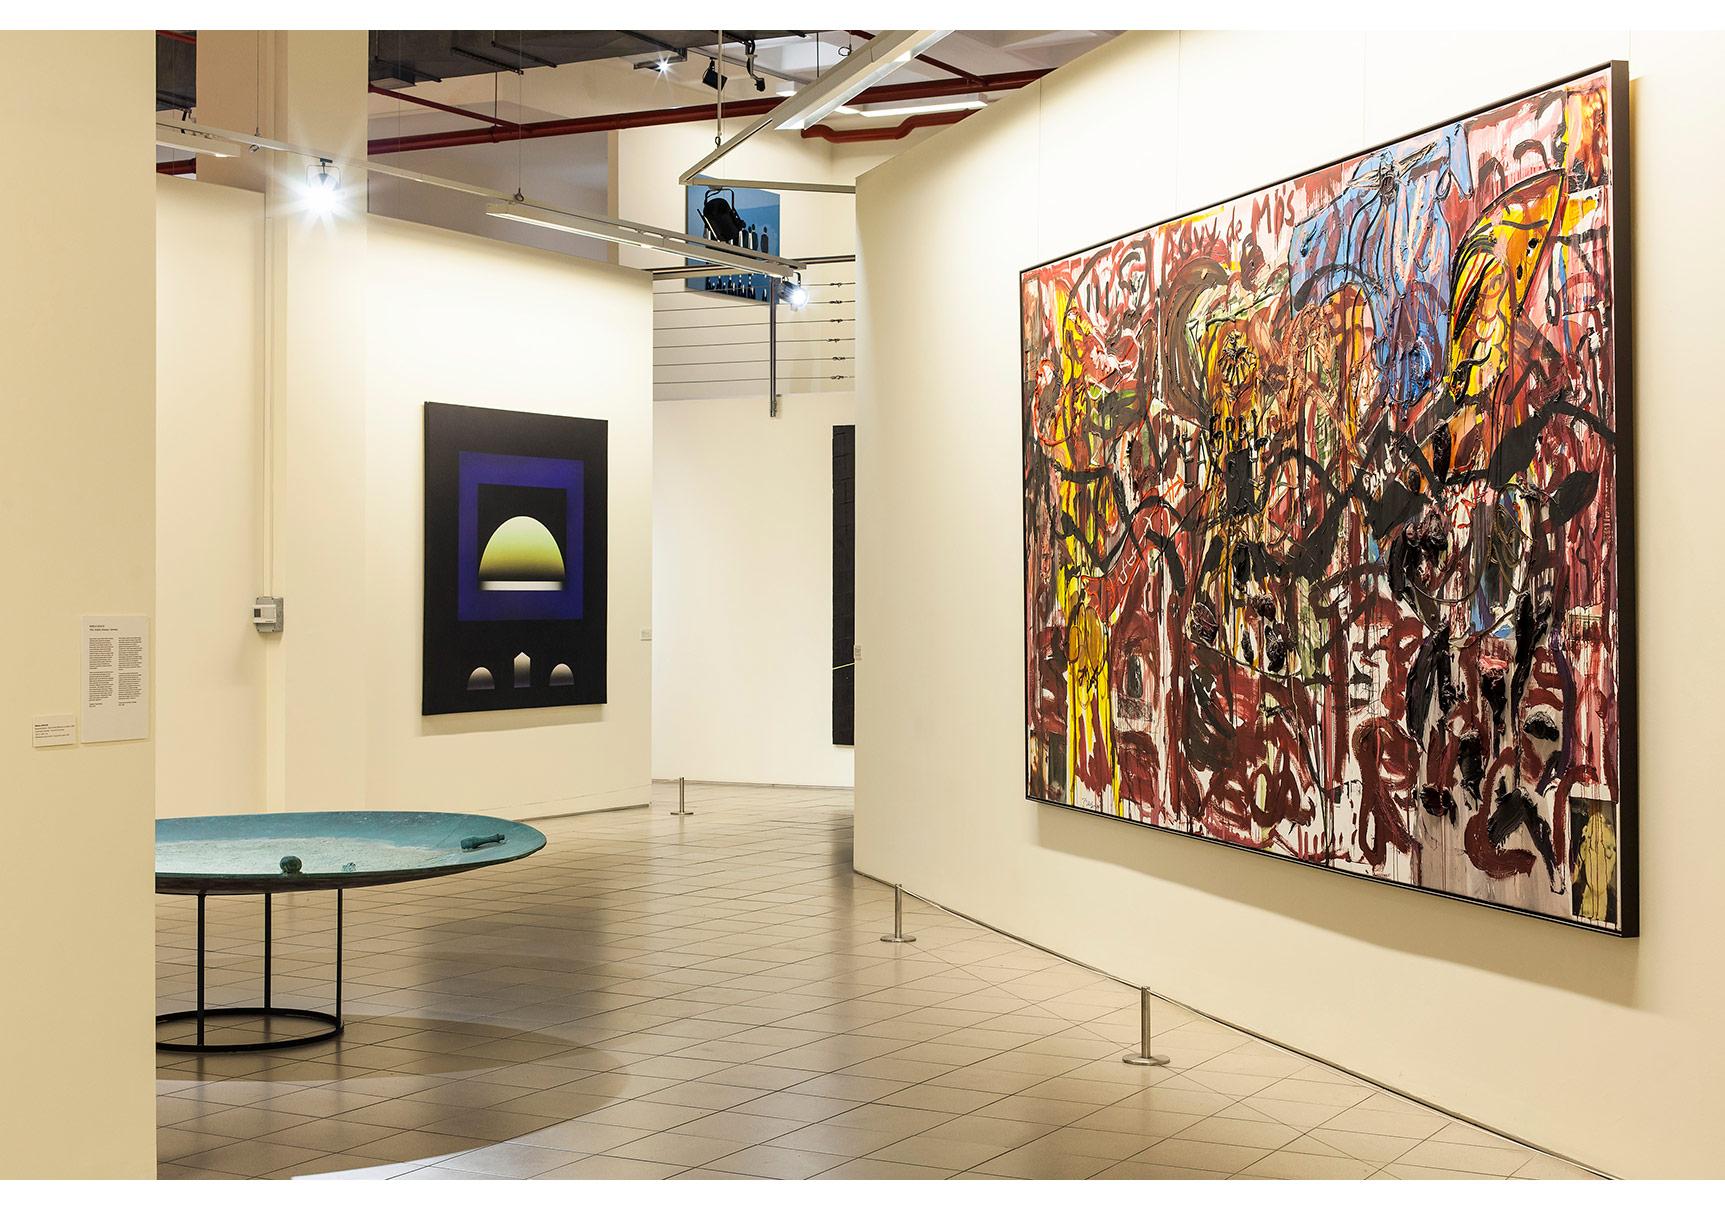 Sürekli Elgiz Koleksiyonu Sergisi. Sağda; Jonathan Meese, Sarı Baron (Kırmızımsı), 2004-5. Arkada; Adnan Çoker, Mor Dörtgen, 1994©Korhan Karaoysal